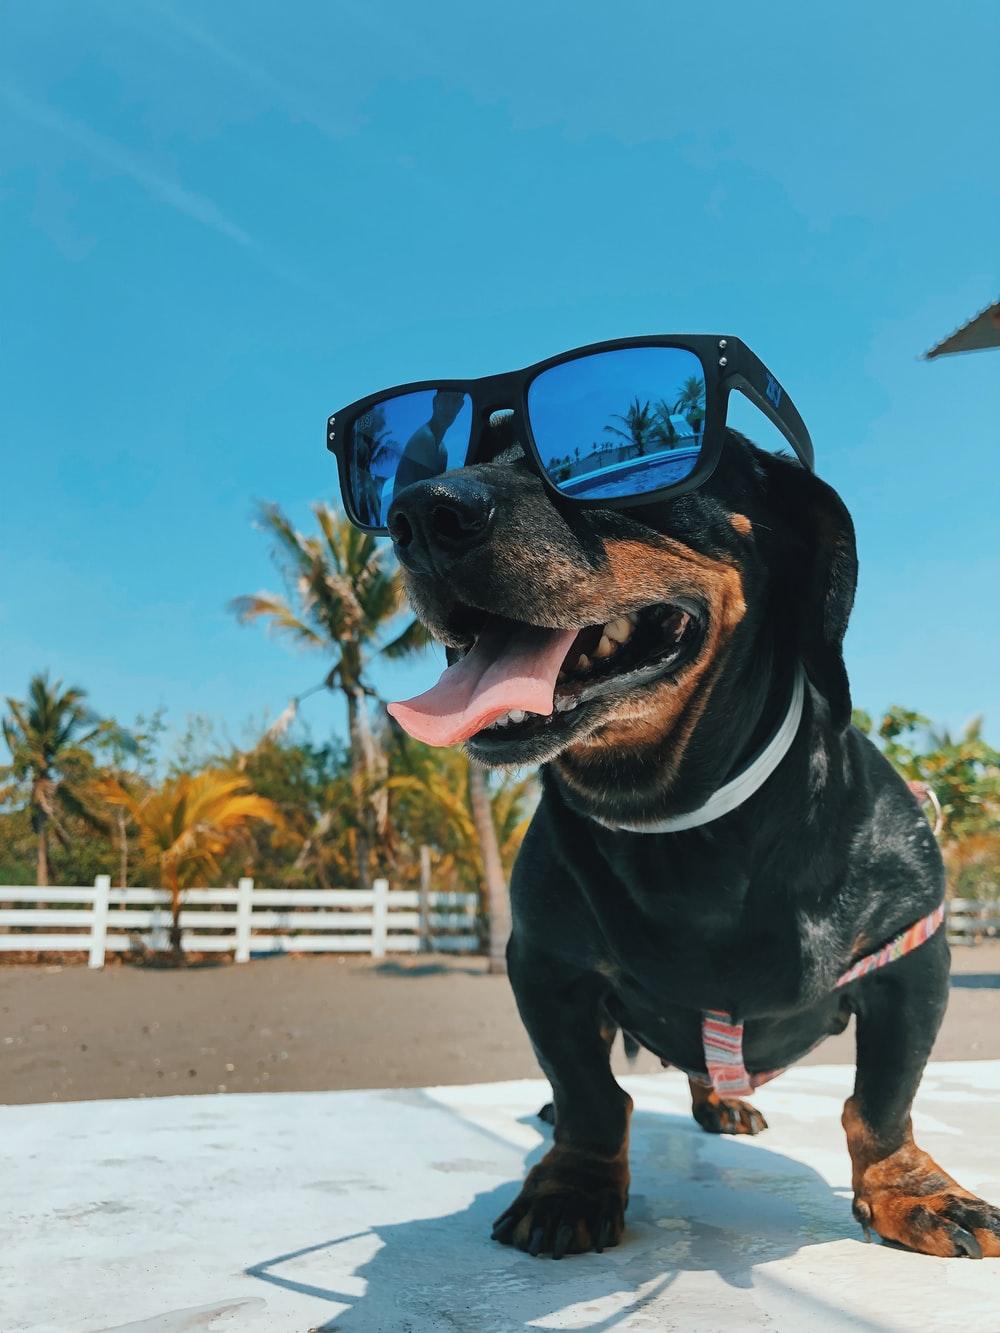 short-coated black dog wearing sunglasses